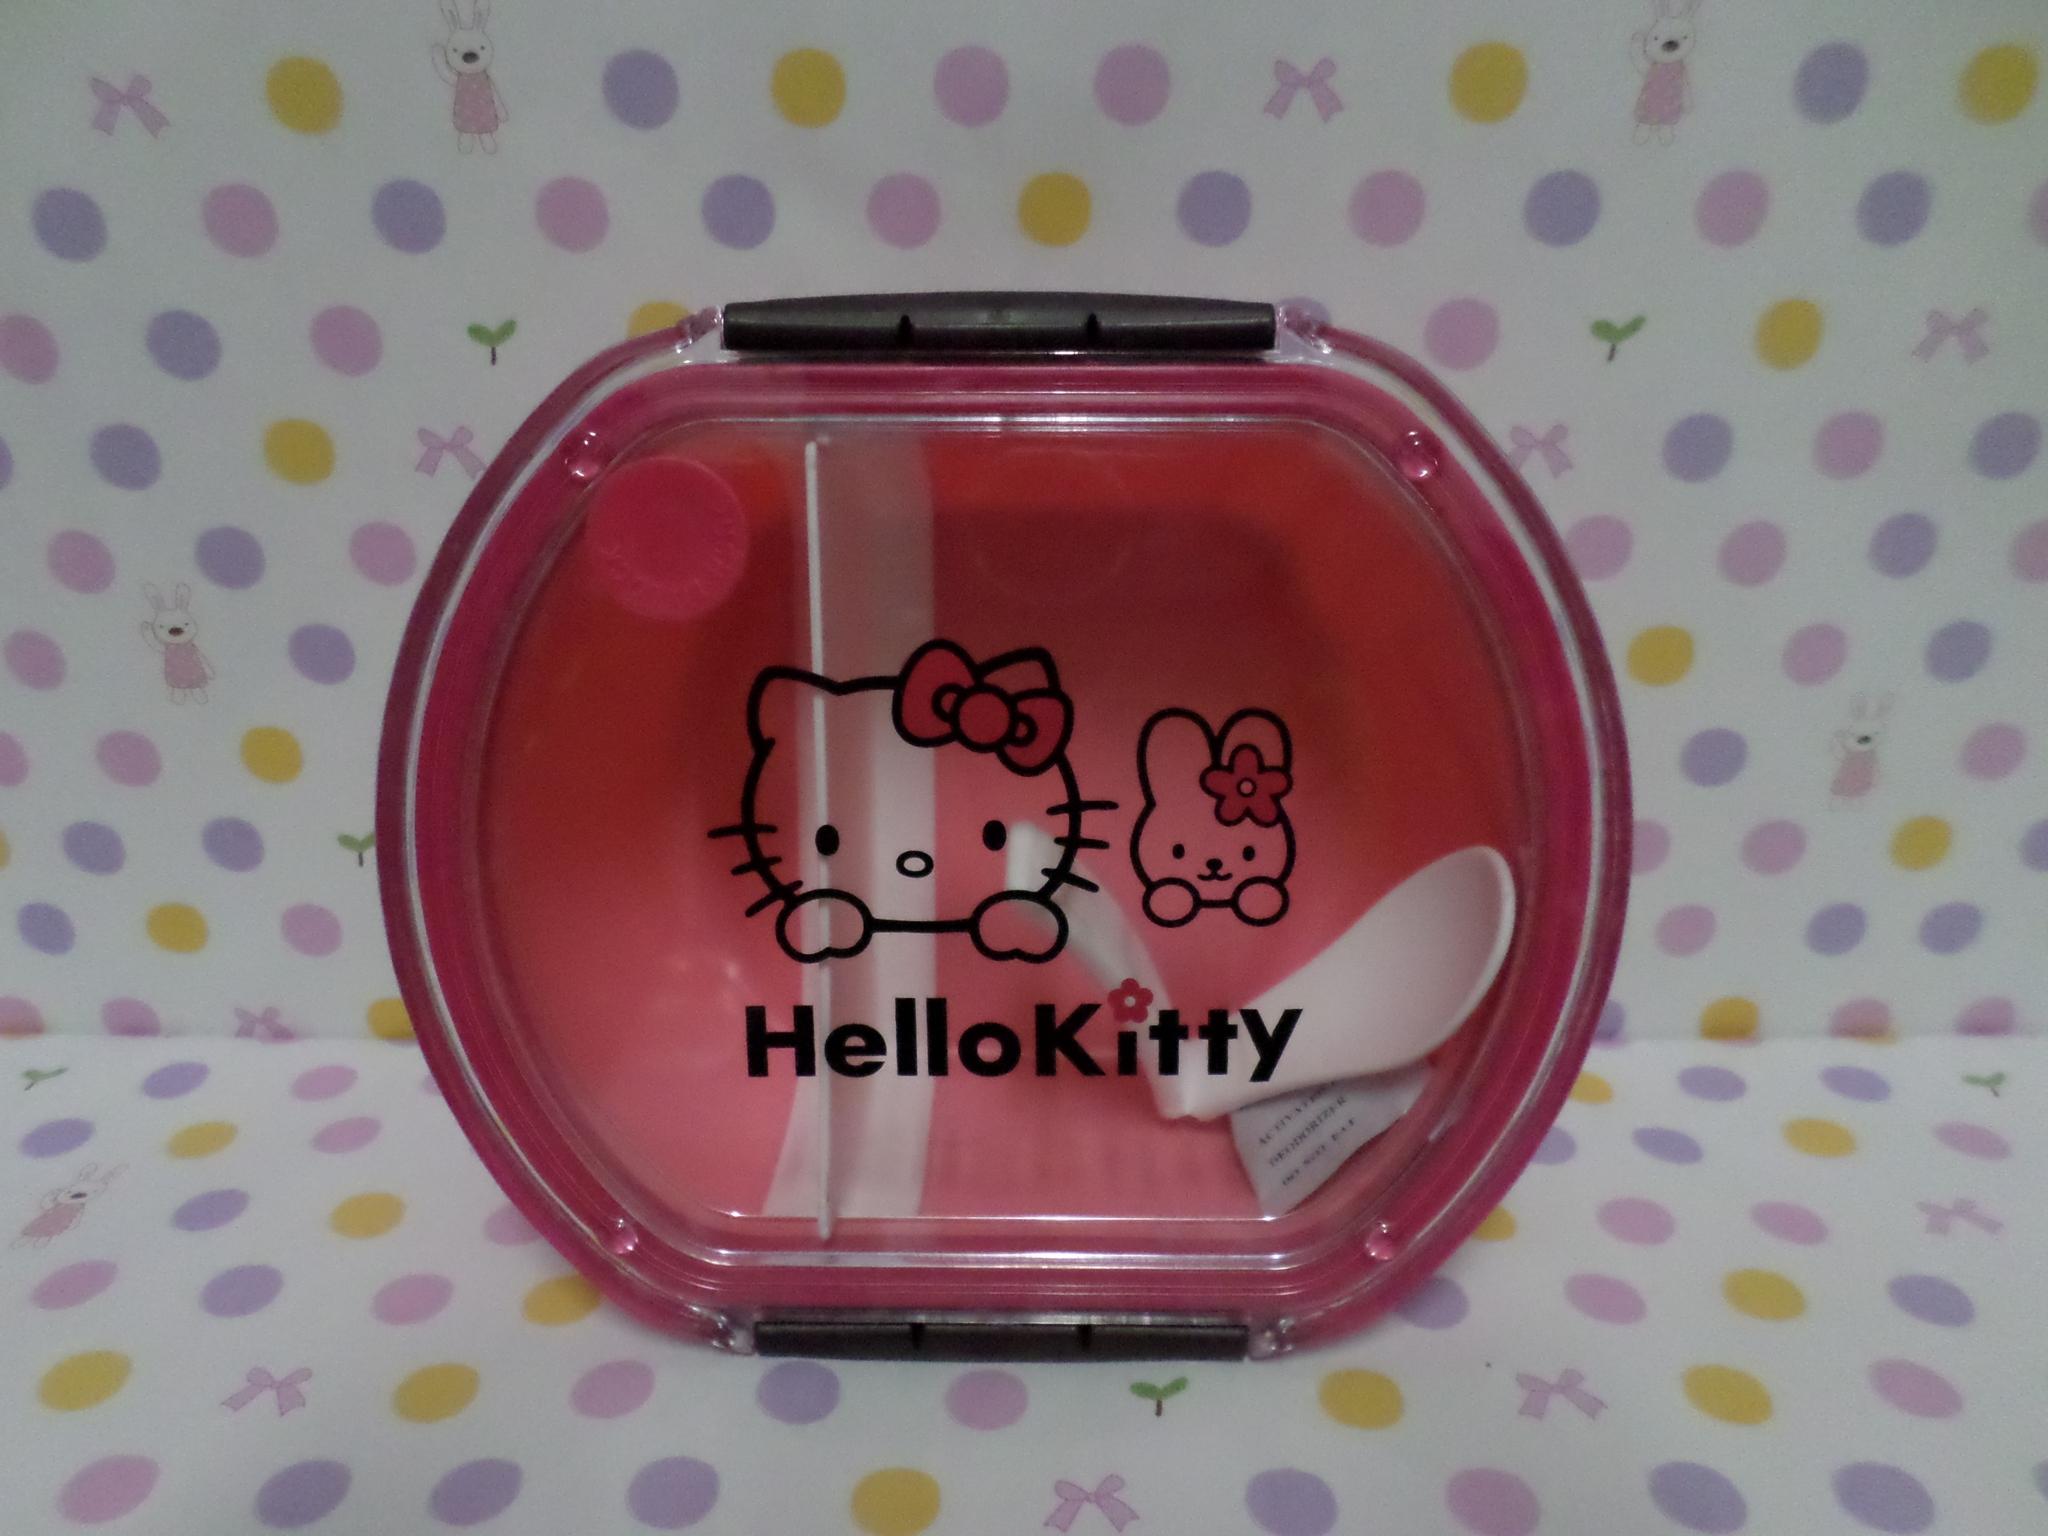 กล่องข้าว ฮัลโหลคิตตี้ Hello kitty#3 ขนาด กว้าง 14 ซม.* ยาว 16 ซม. * สูง 6 ซม. ลายฮัลโหลคิตตี้ สีชมพู